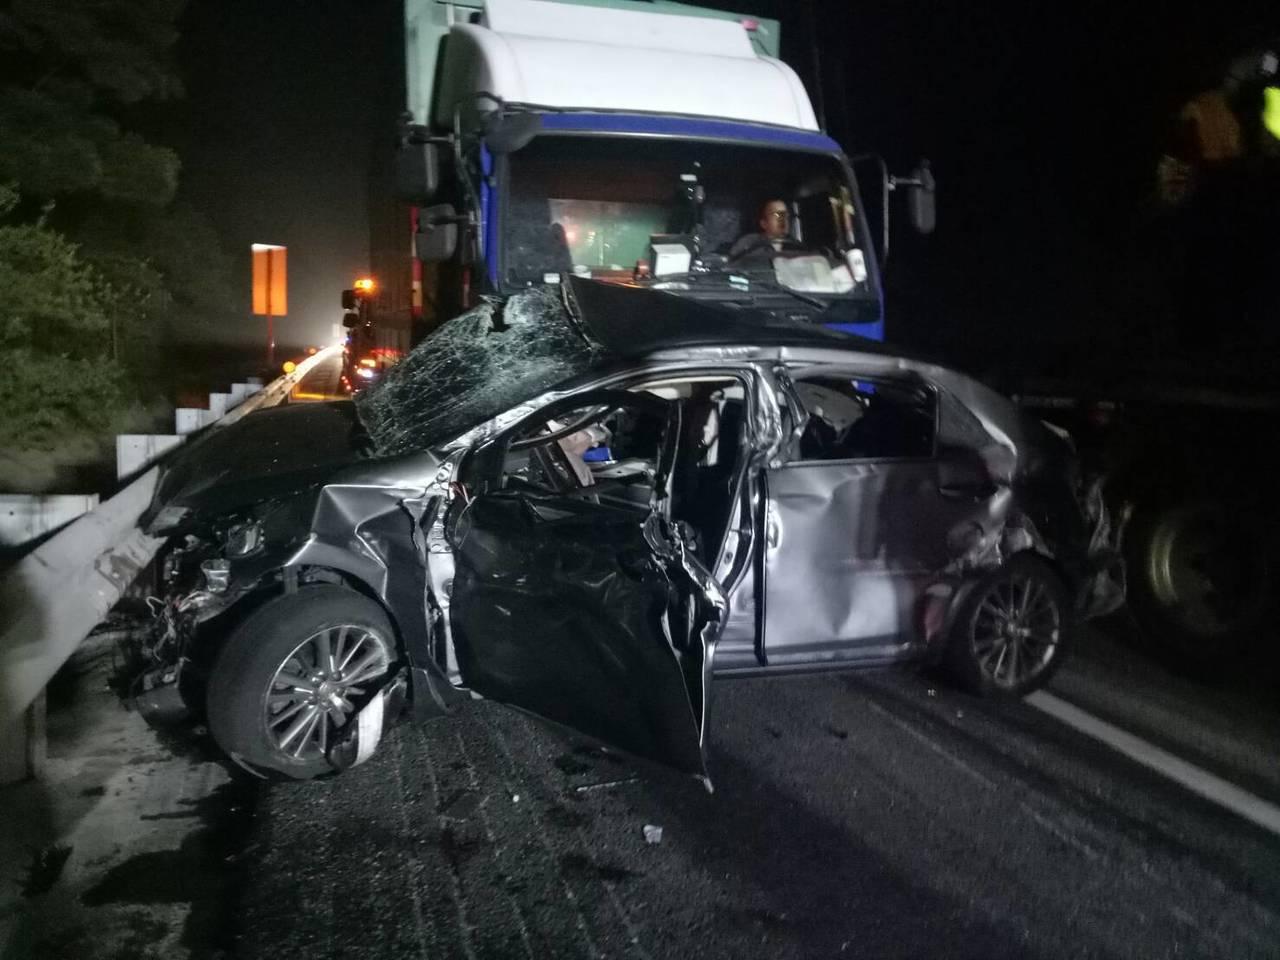 國道3號南下苗栗縣西湖鄉路段今天晚上9點發生重大車禍,2名男子失去生命跡象急救中...